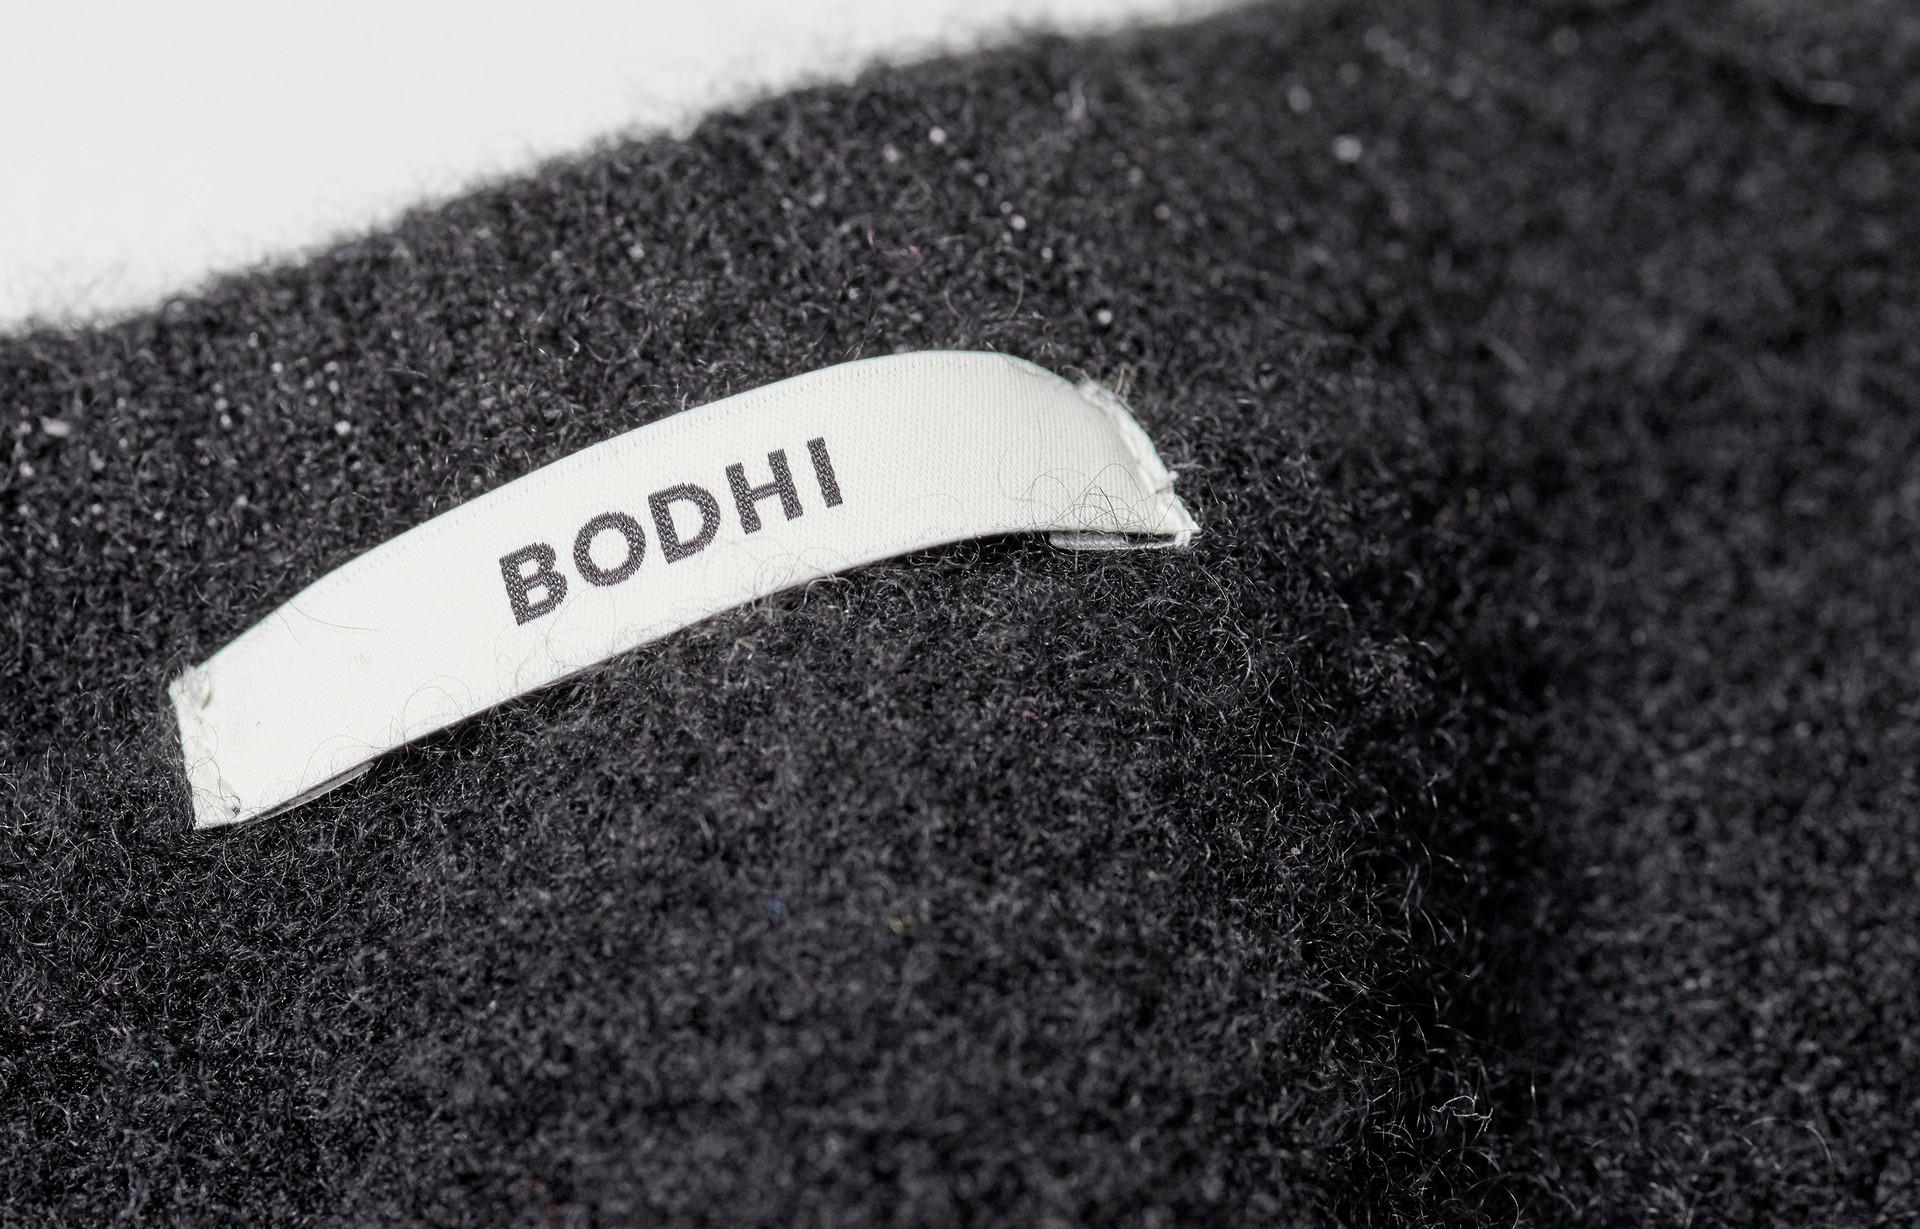 BODHI_5796_ok.jpg